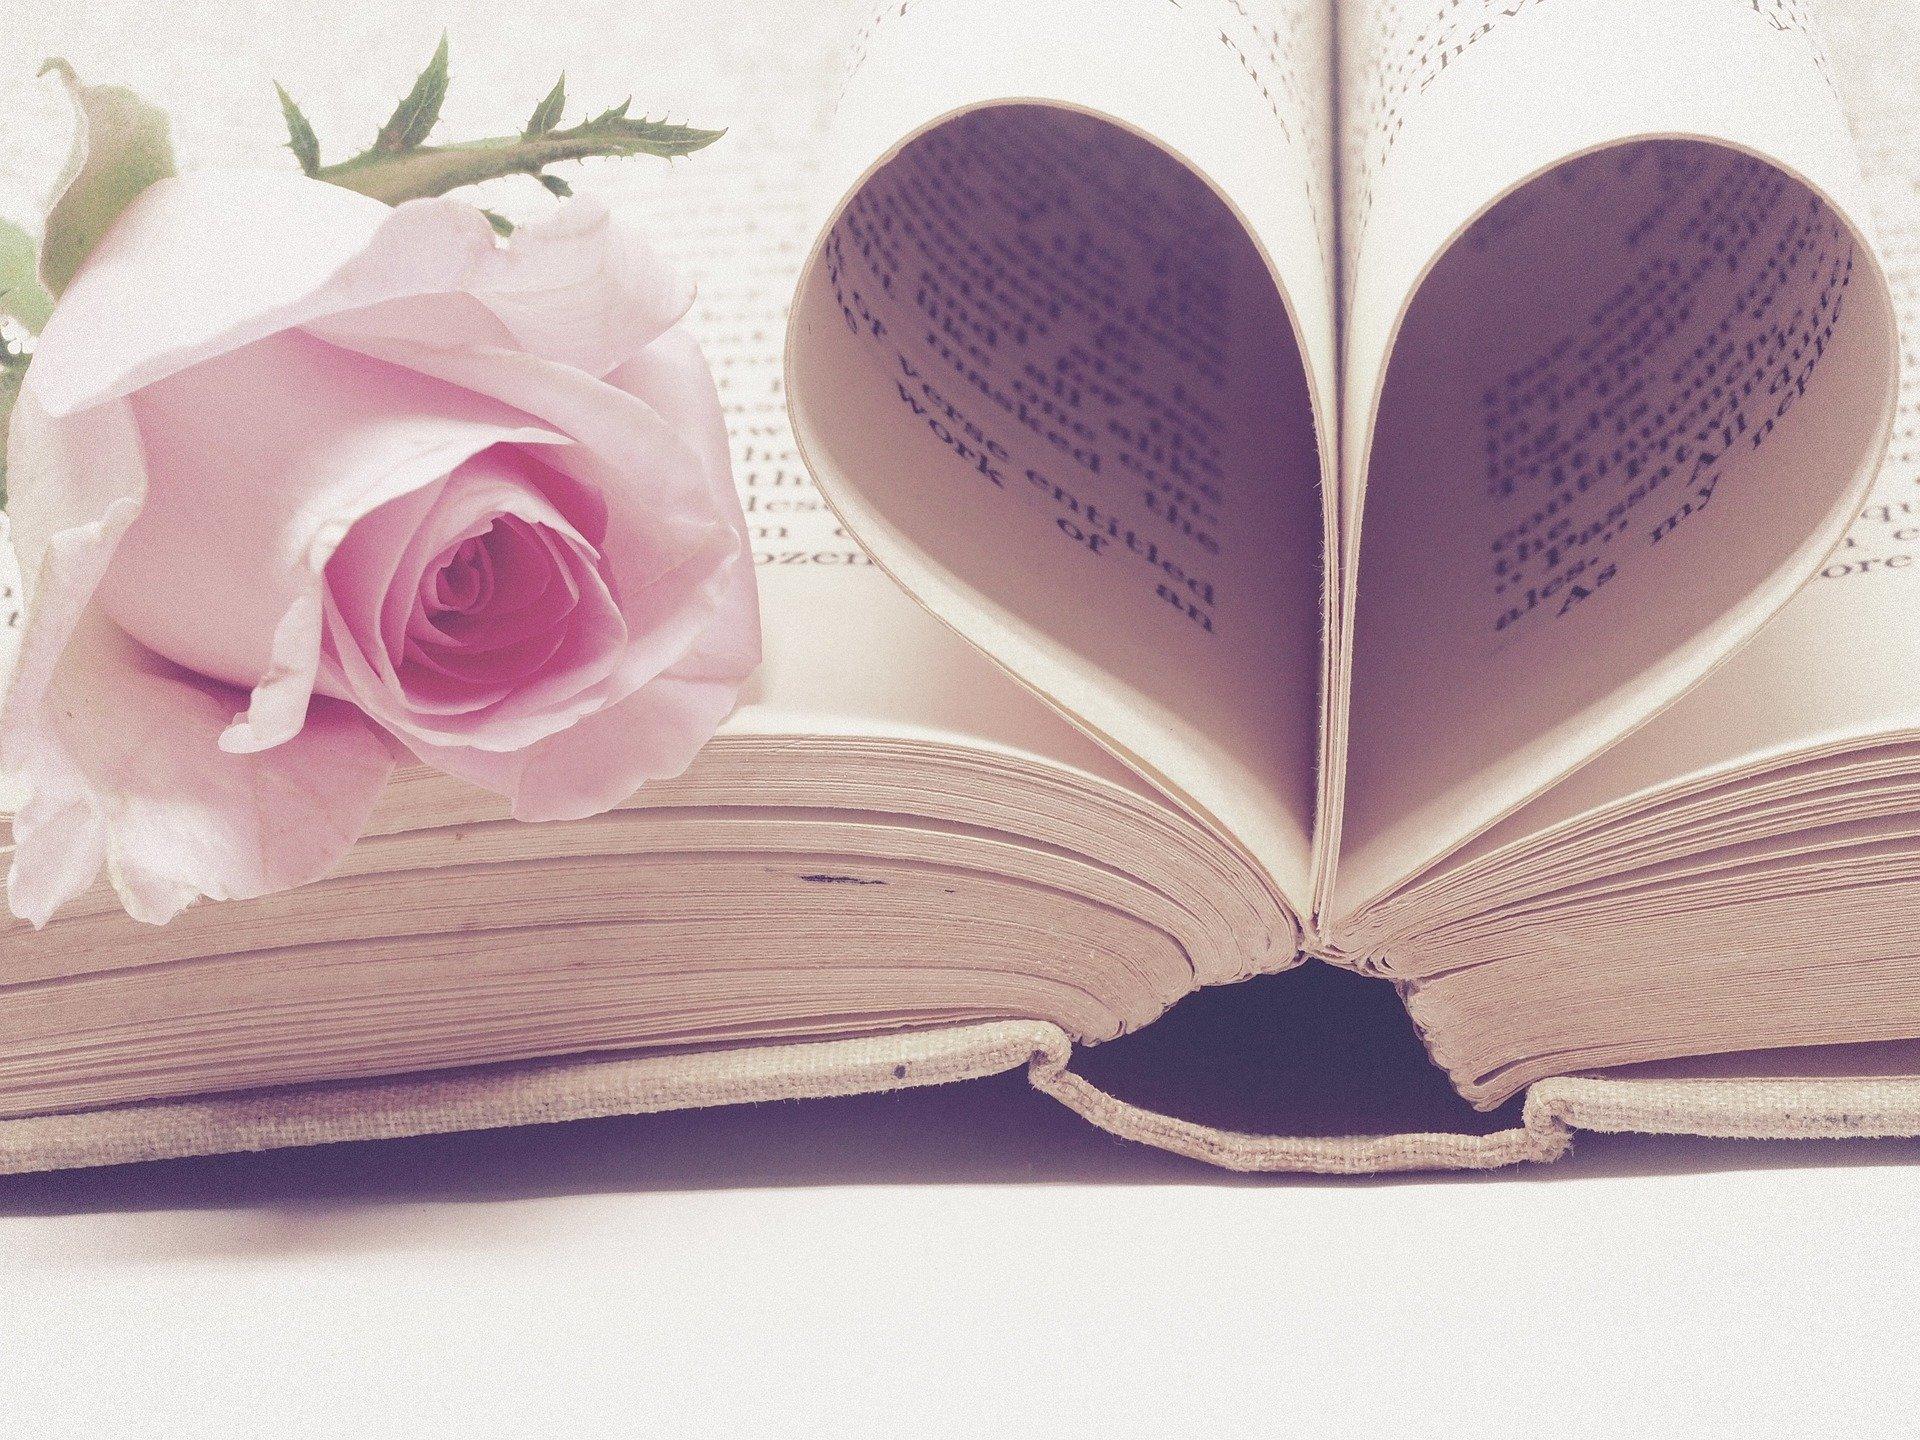 literature 3060241 1920 - 23 abril - Día Internacional del libro